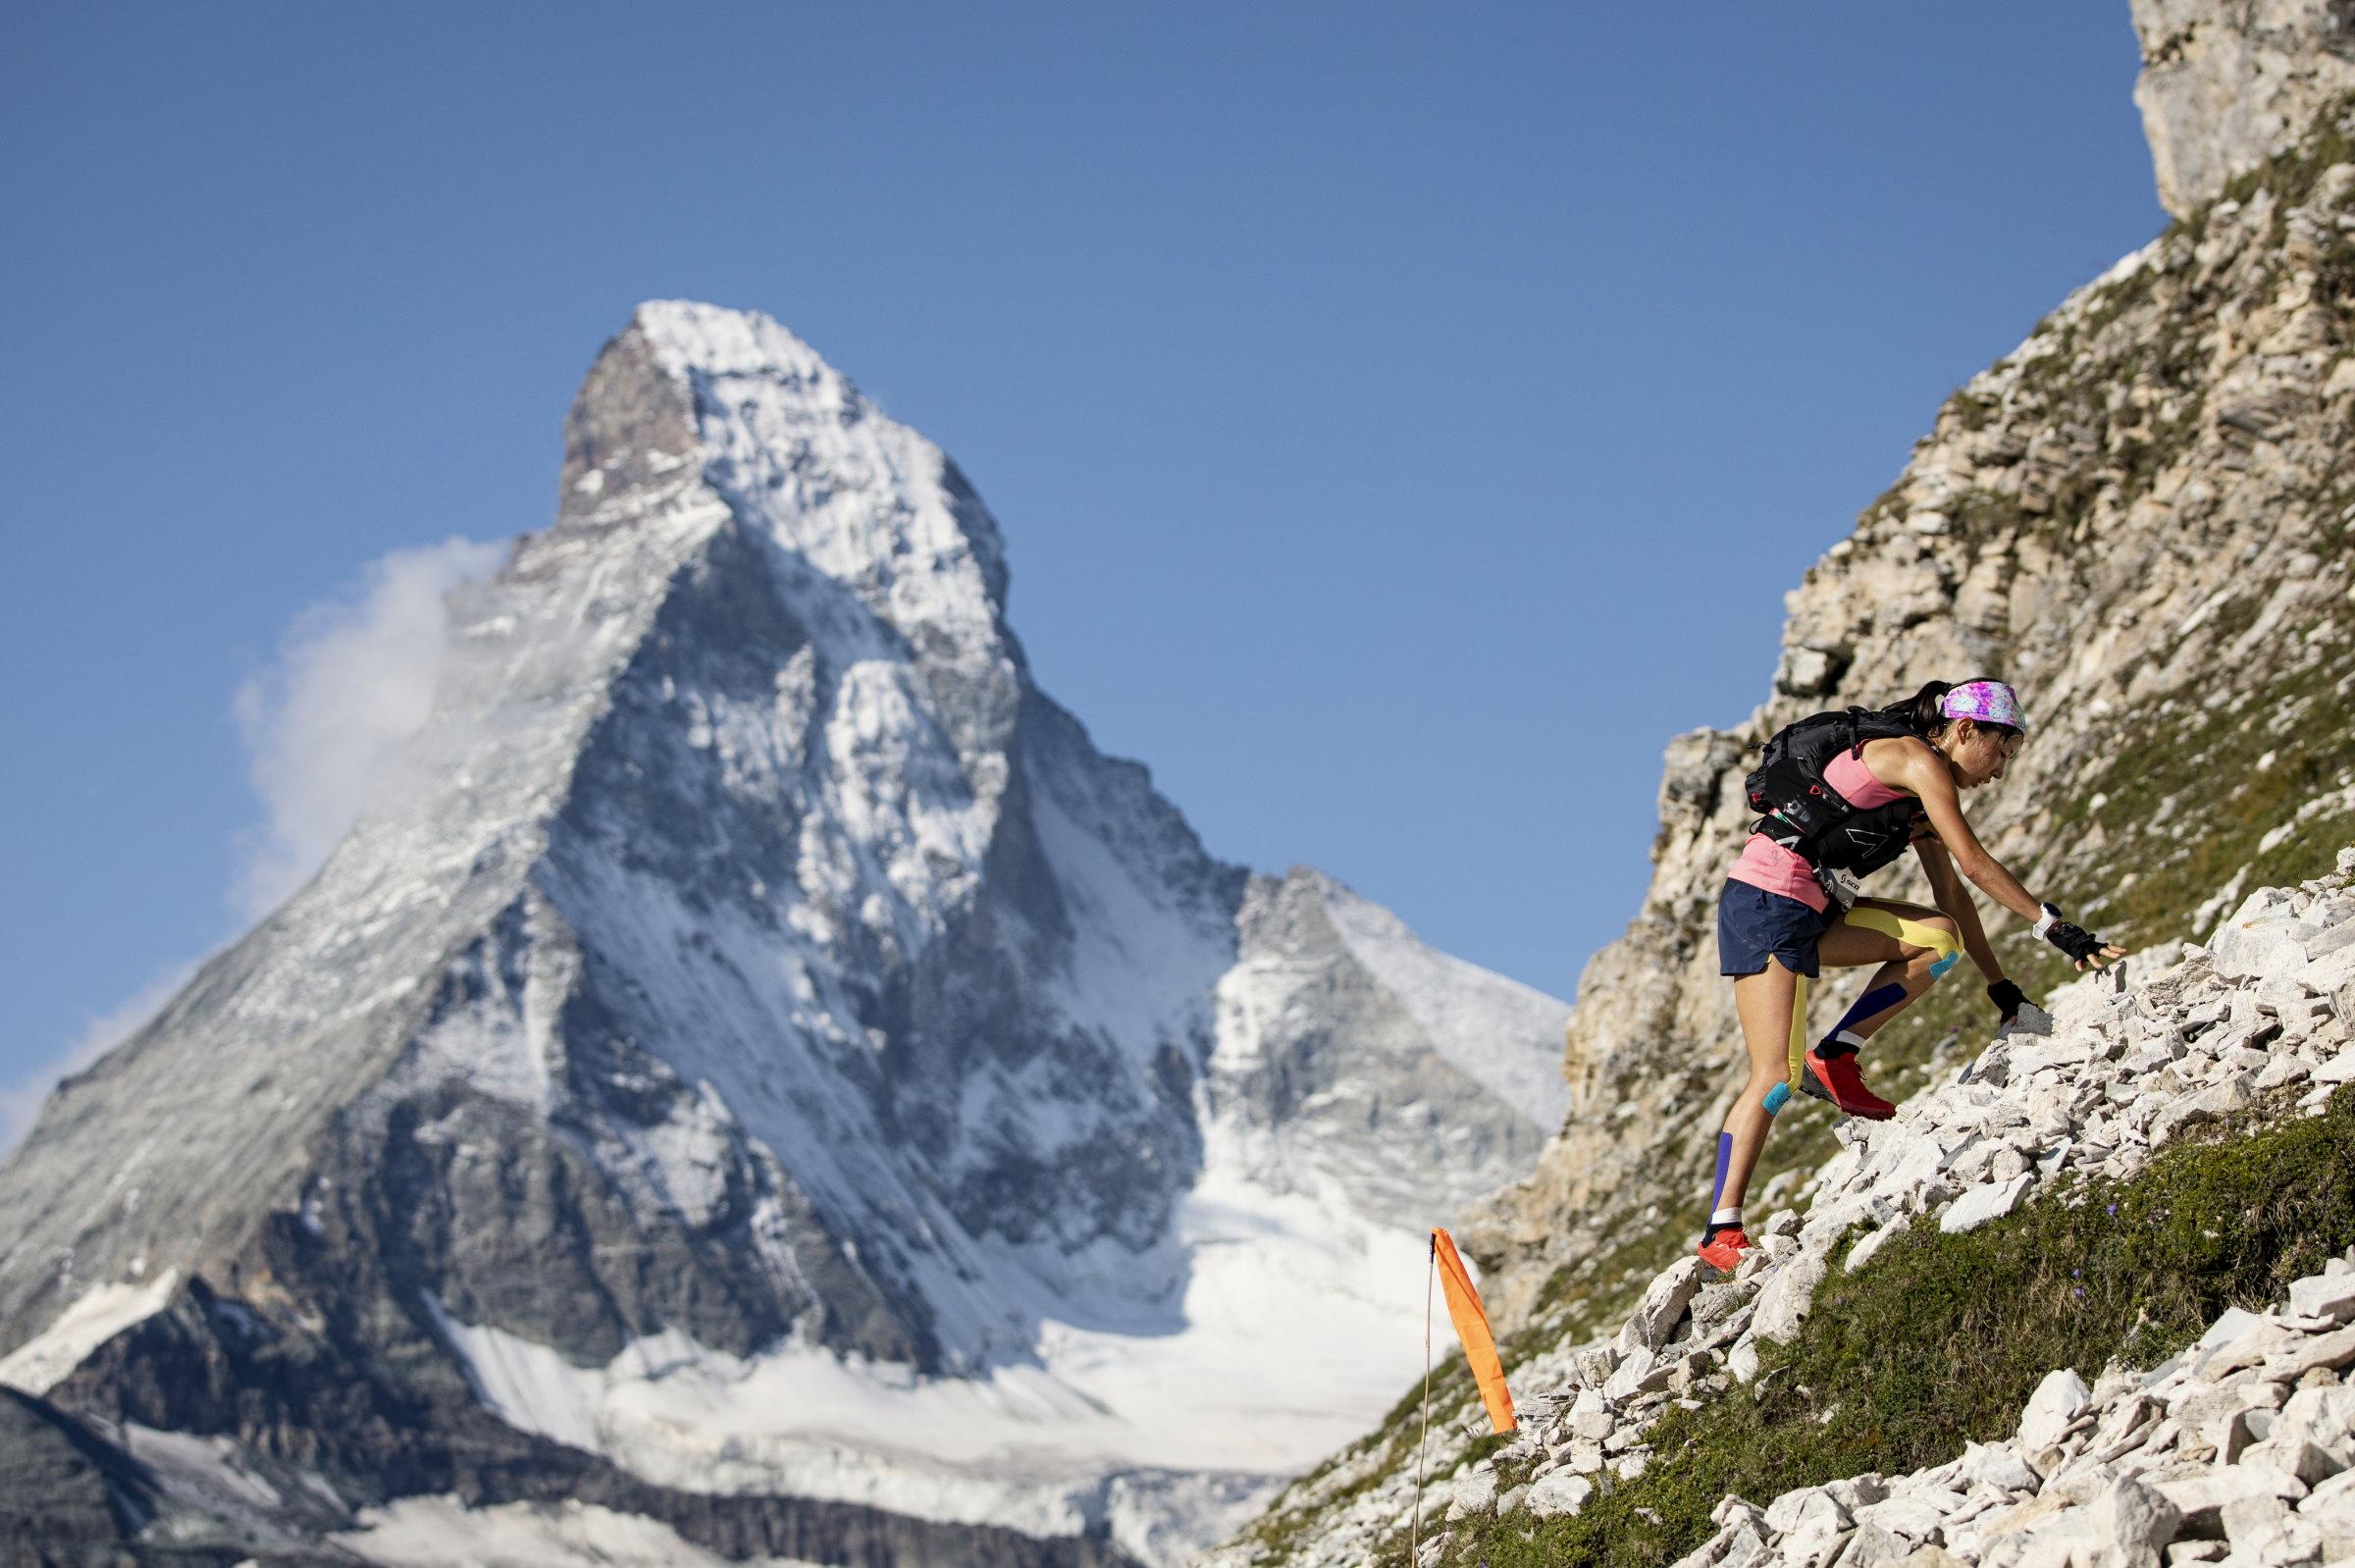 マッターホルンをバックに急峻な斜面を駆け登る高村 ©Sho Fujimaki